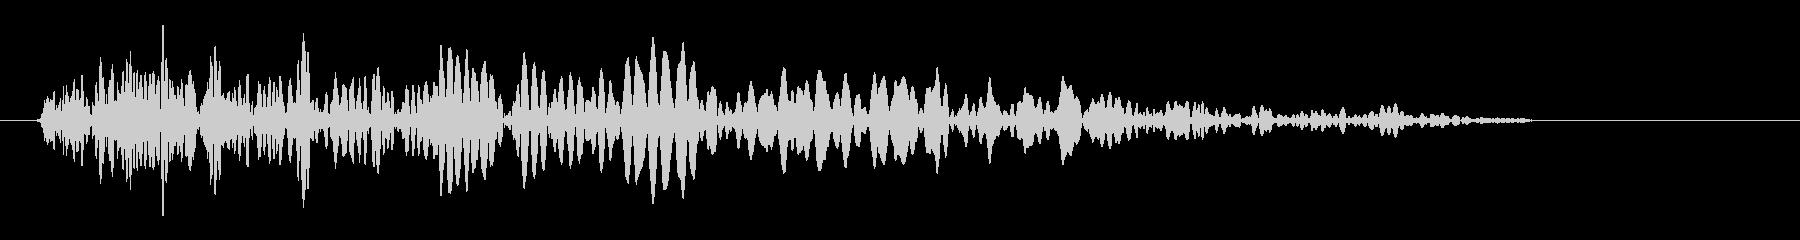 重みのある空気を切る様なエアー音の未再生の波形